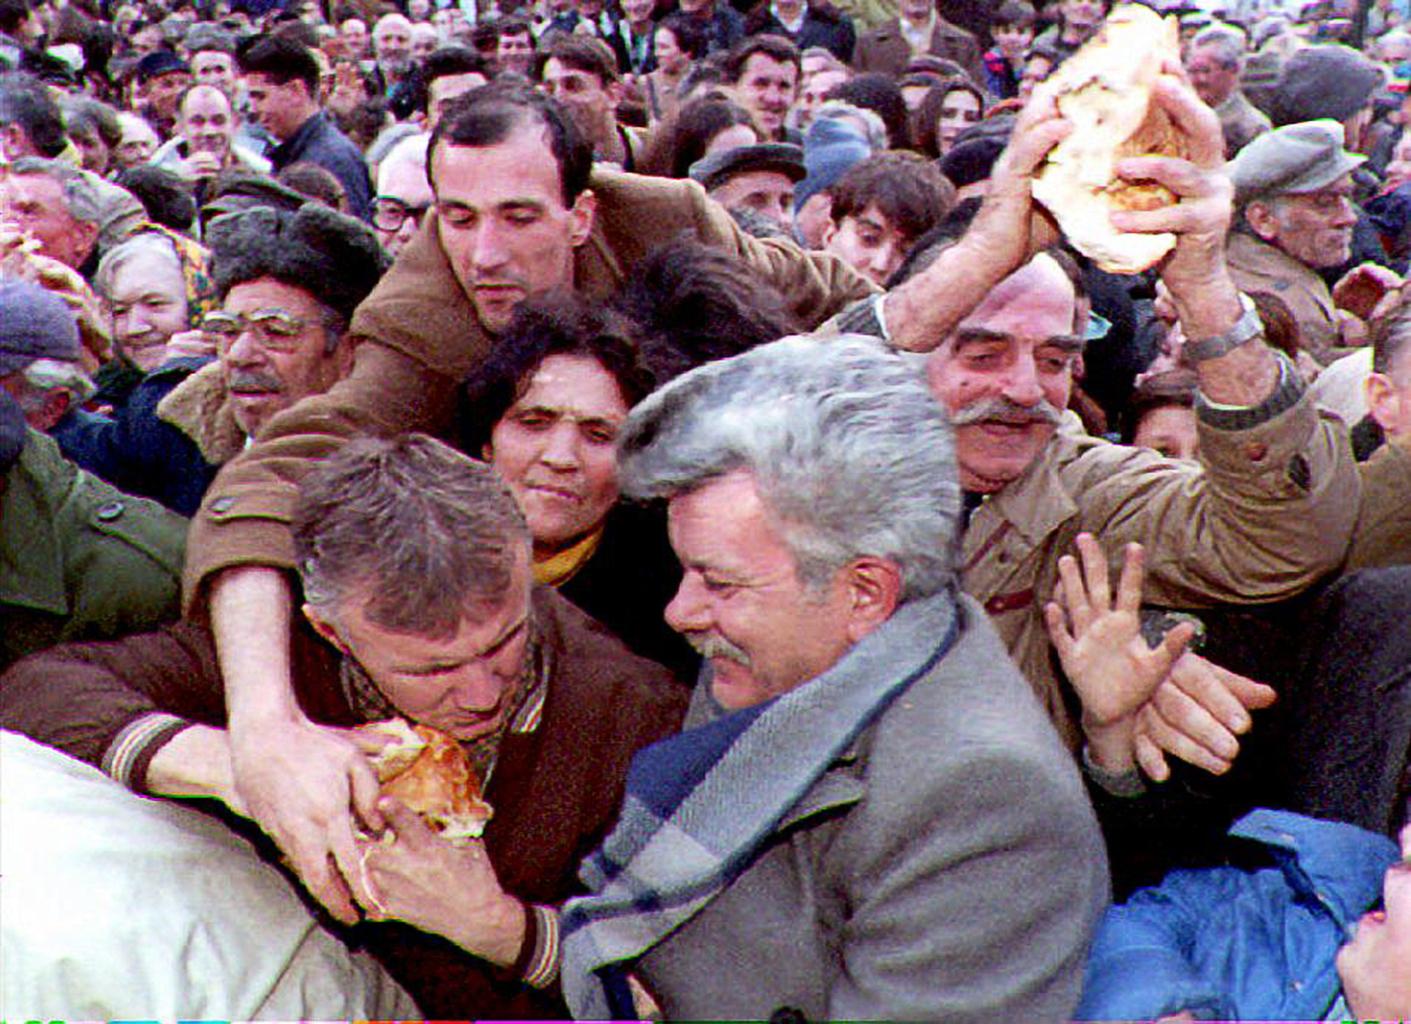 Ingyenes kenyérosztás Belgrádban az ortodox karácsony előestéjén 1994. január 6-án #moszkvater